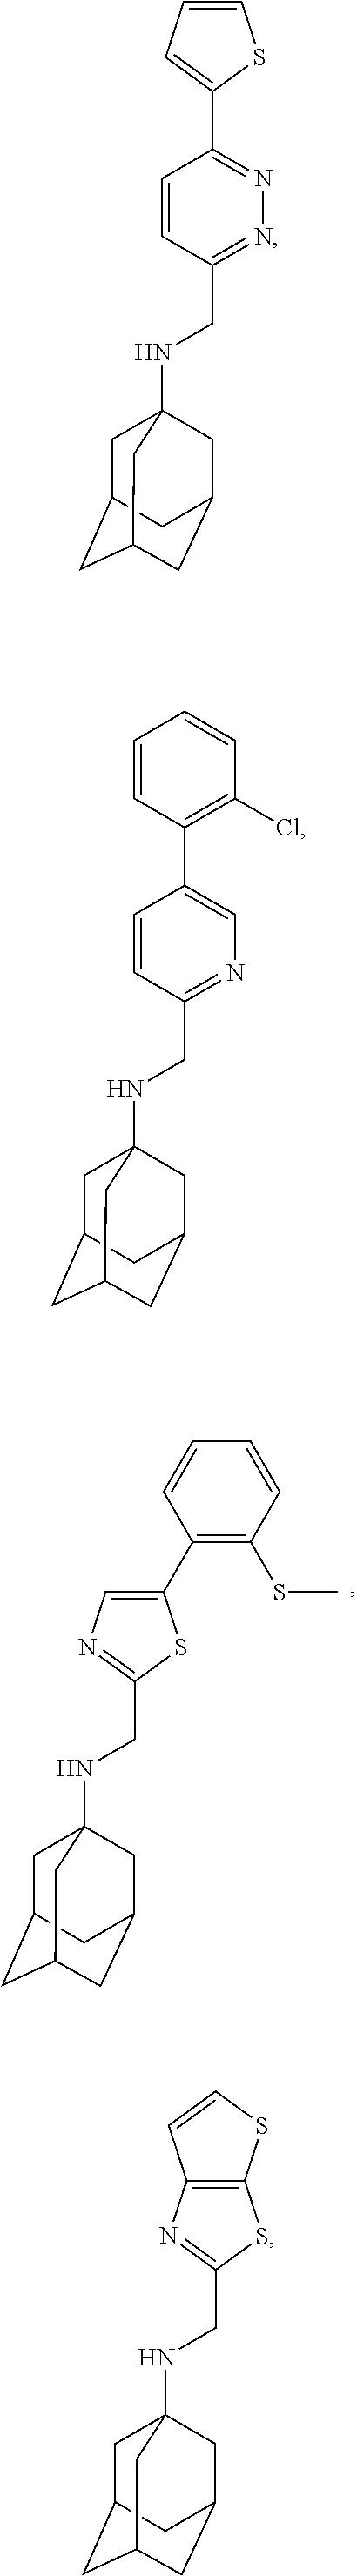 Figure US09884832-20180206-C00092